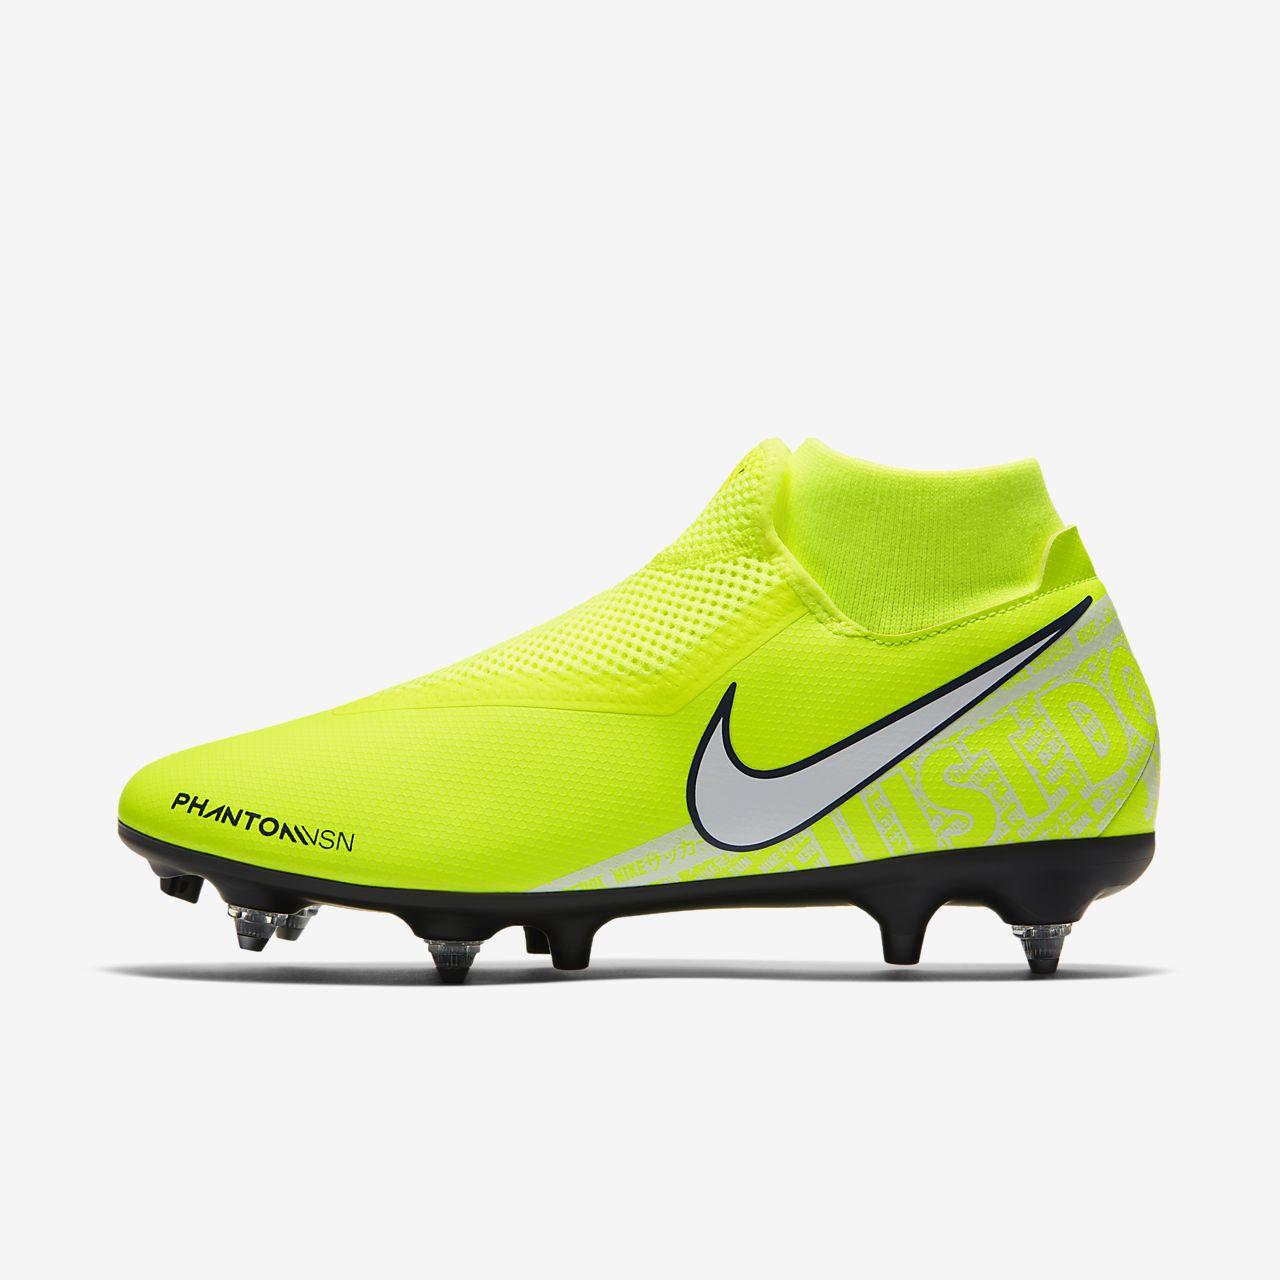 Nike PhantomVSN Academy Dynamic Fit SG-Pro Anti-Clog Traction-fodboldstøvle til vådt græs